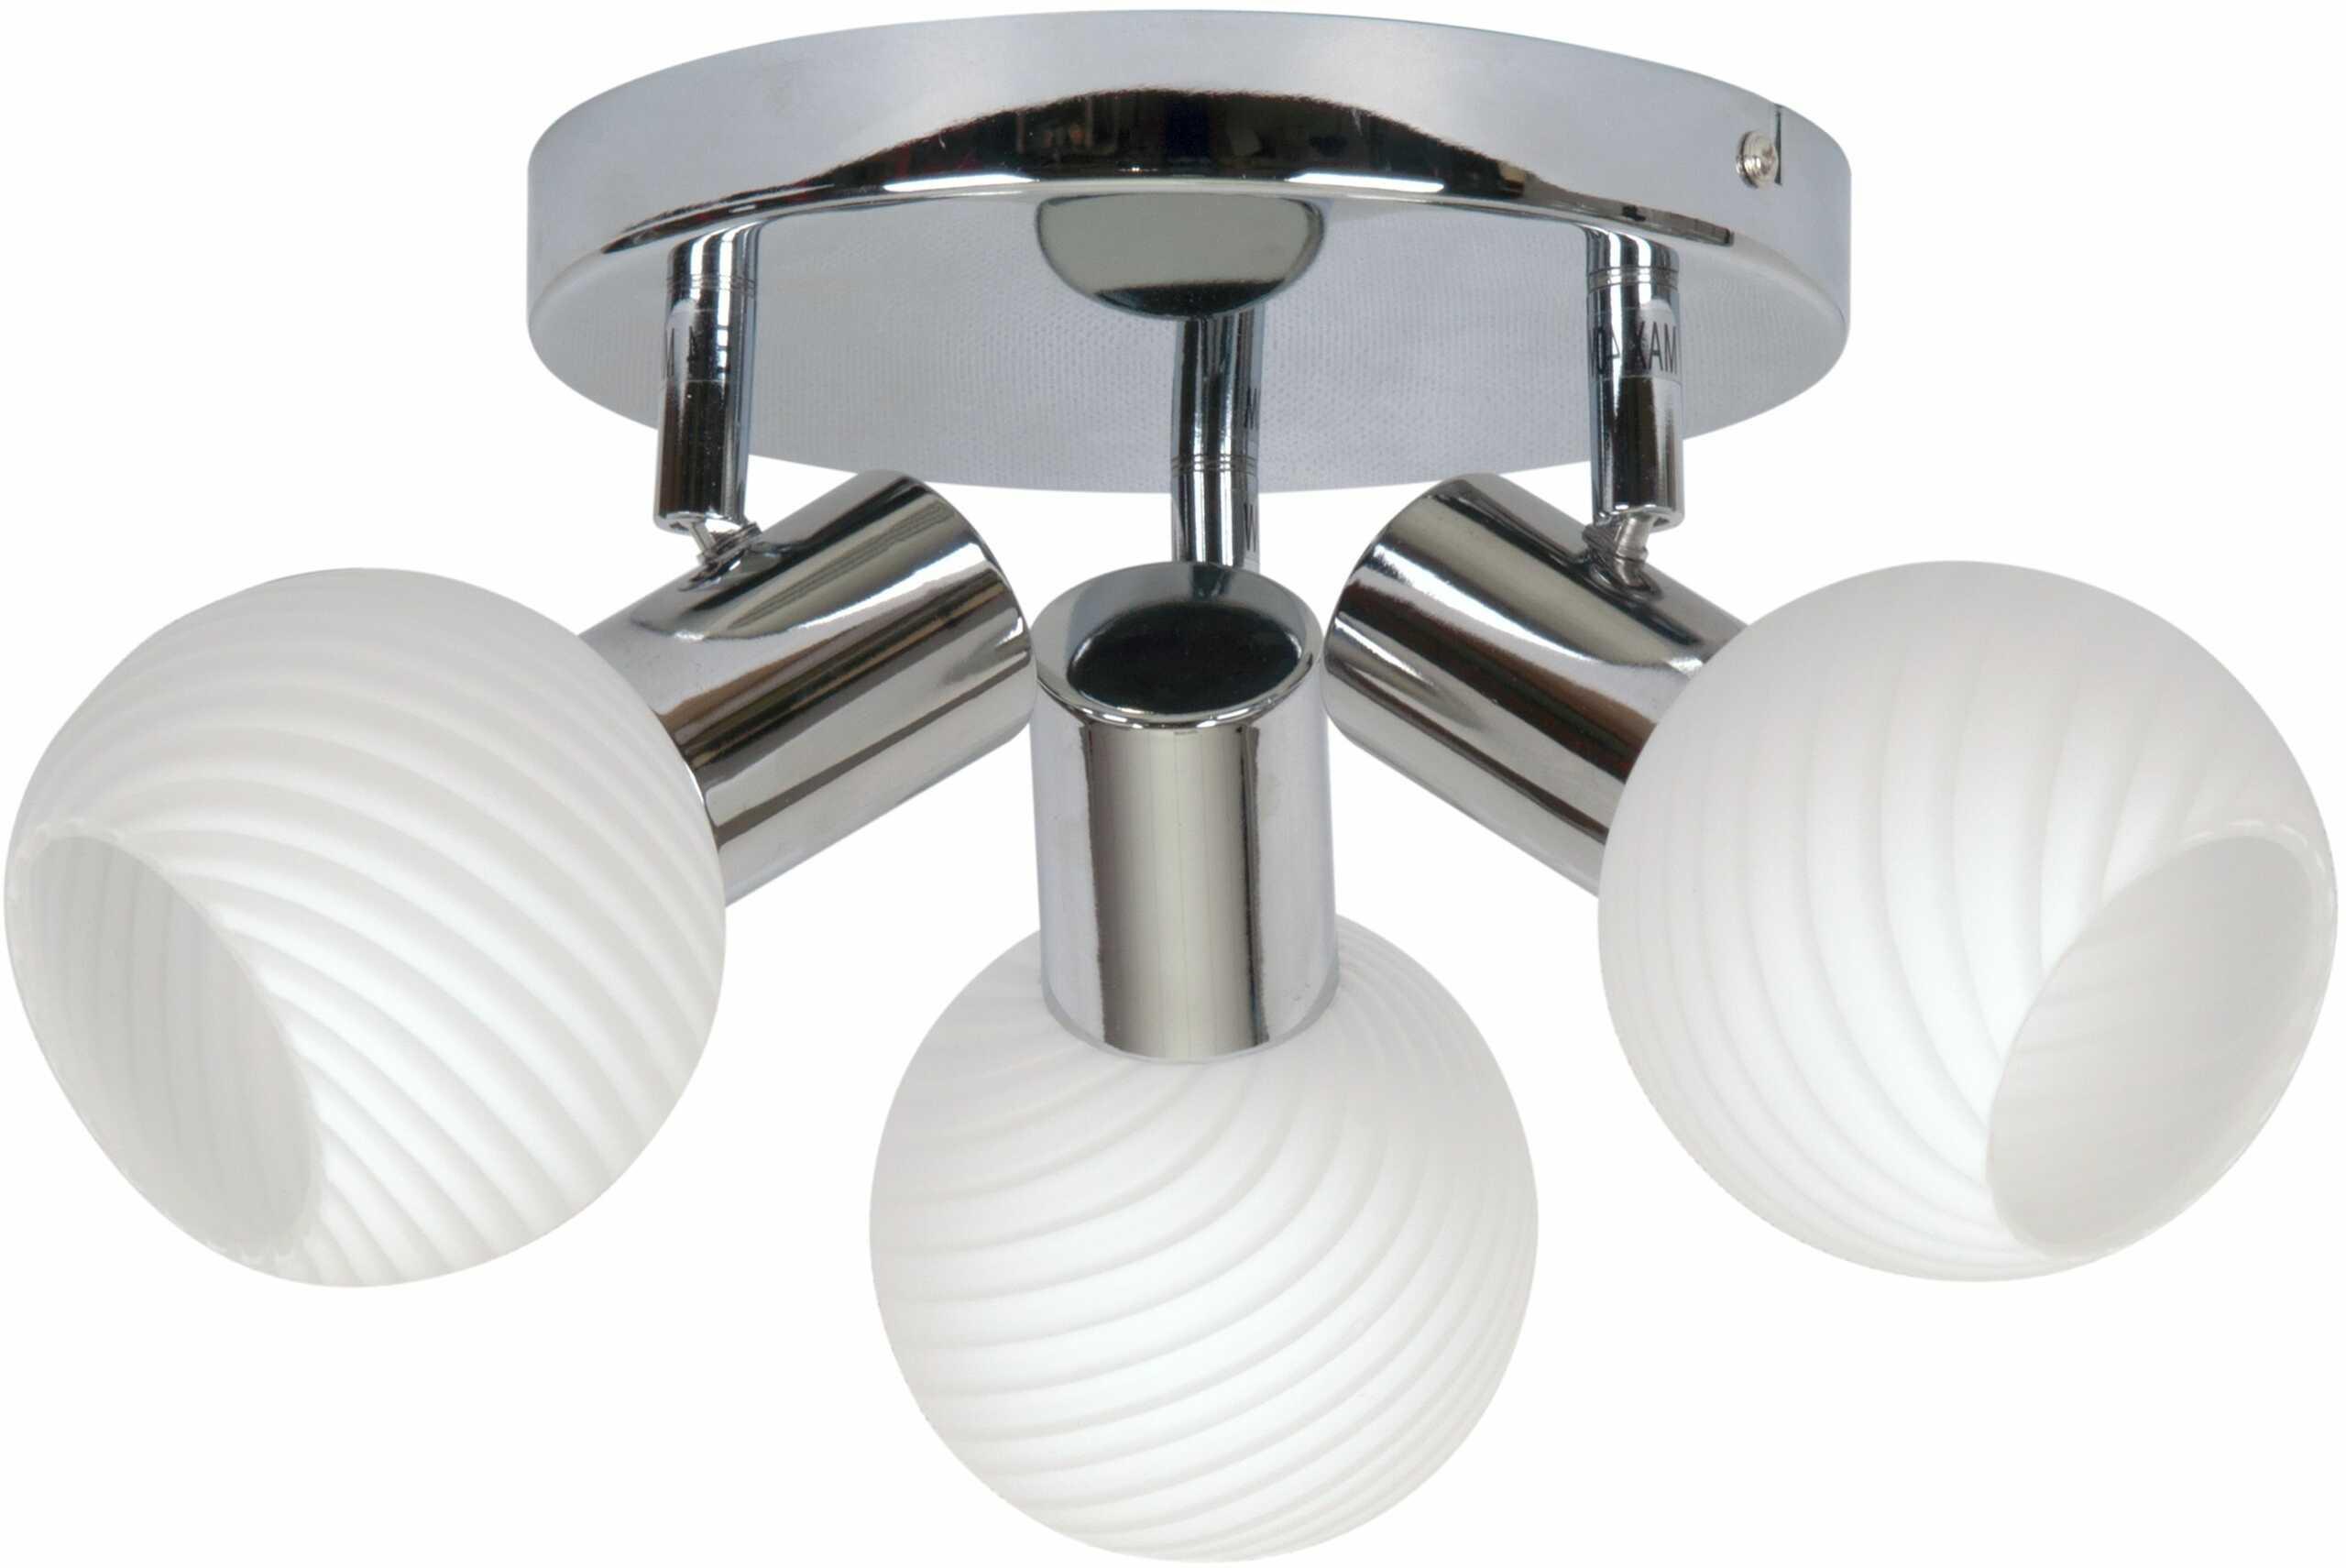 Candellux TURNO 98-10940 plafon lampa sufitowa chrom szklany klosz 3X40W E14 36cm